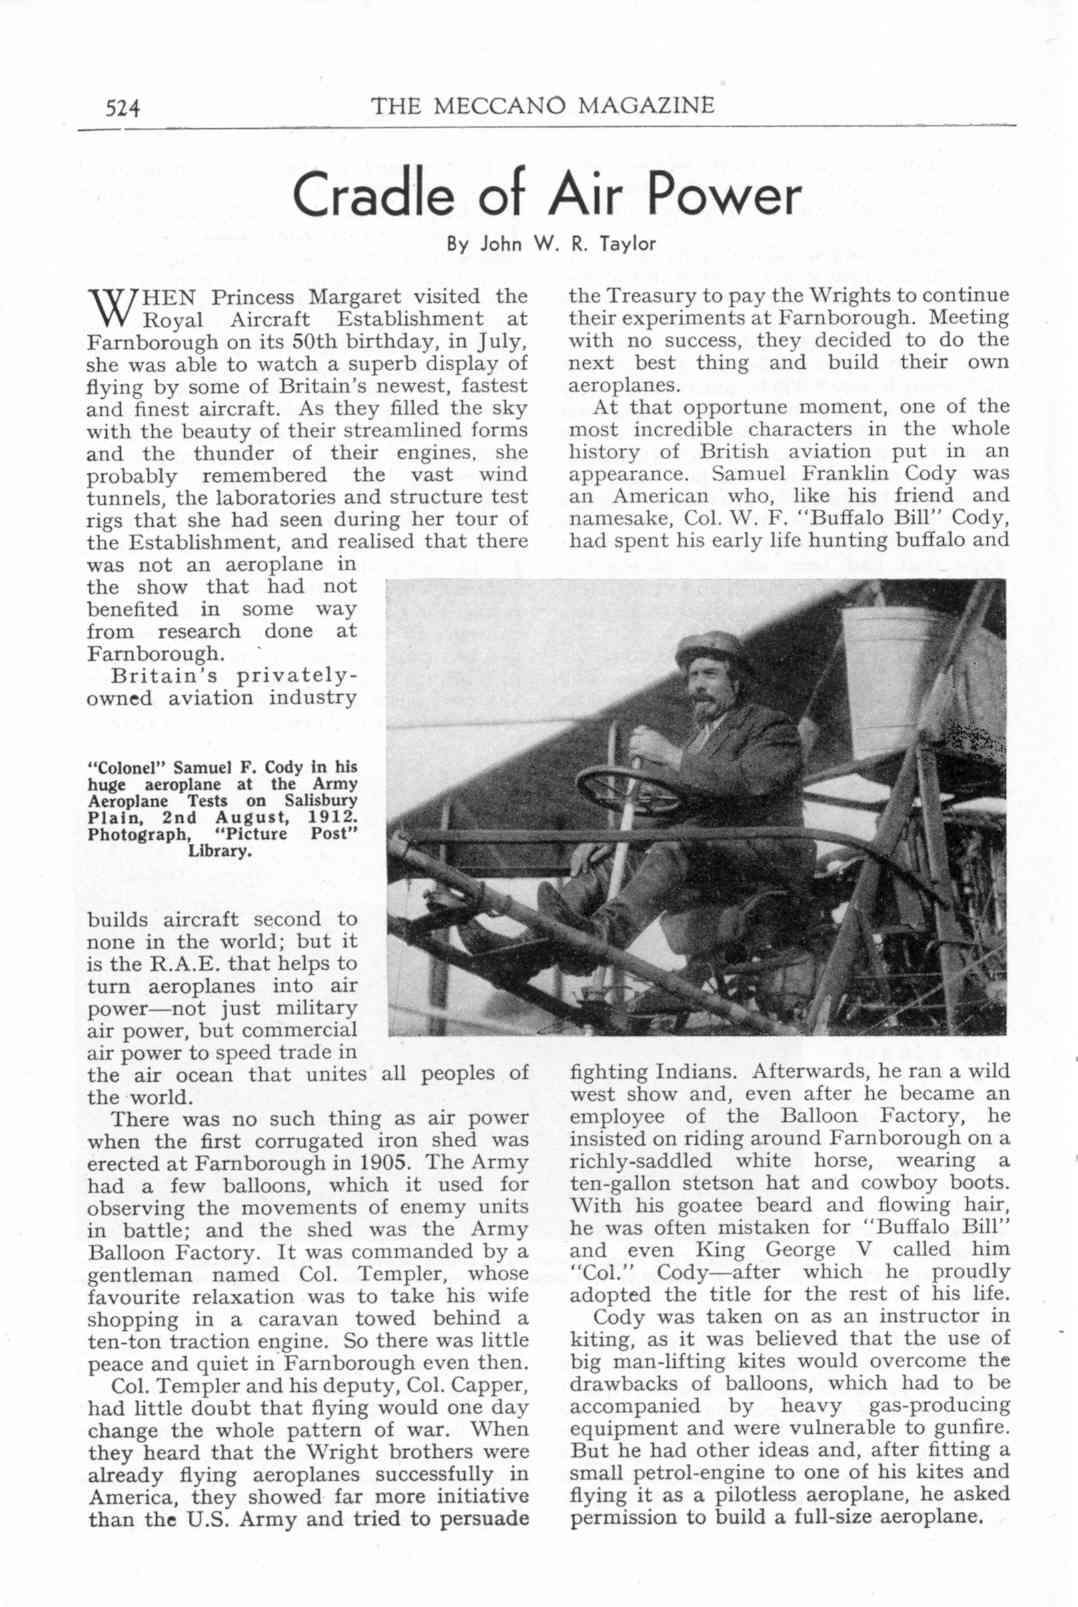 UK Meccano Magazine October 1955 Page 524